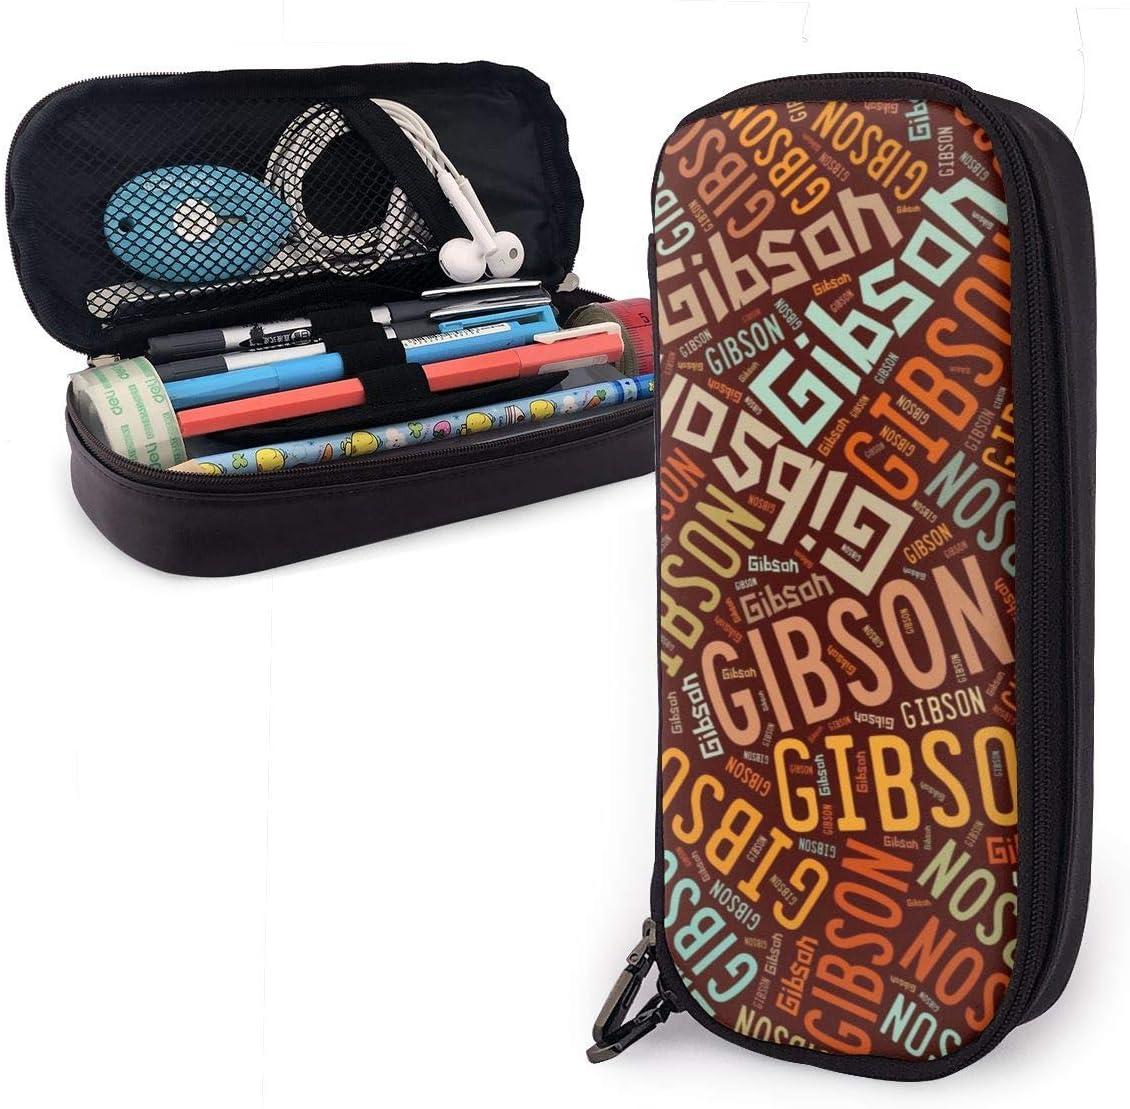 Estuche de lápices de cuero de apellido americano Gibson Estuche de lápices Estuche de almacenamiento grande Organizador de caja Organizador de maquillaje Bolso de estudiante: Amazon.es: Oficina y papelería